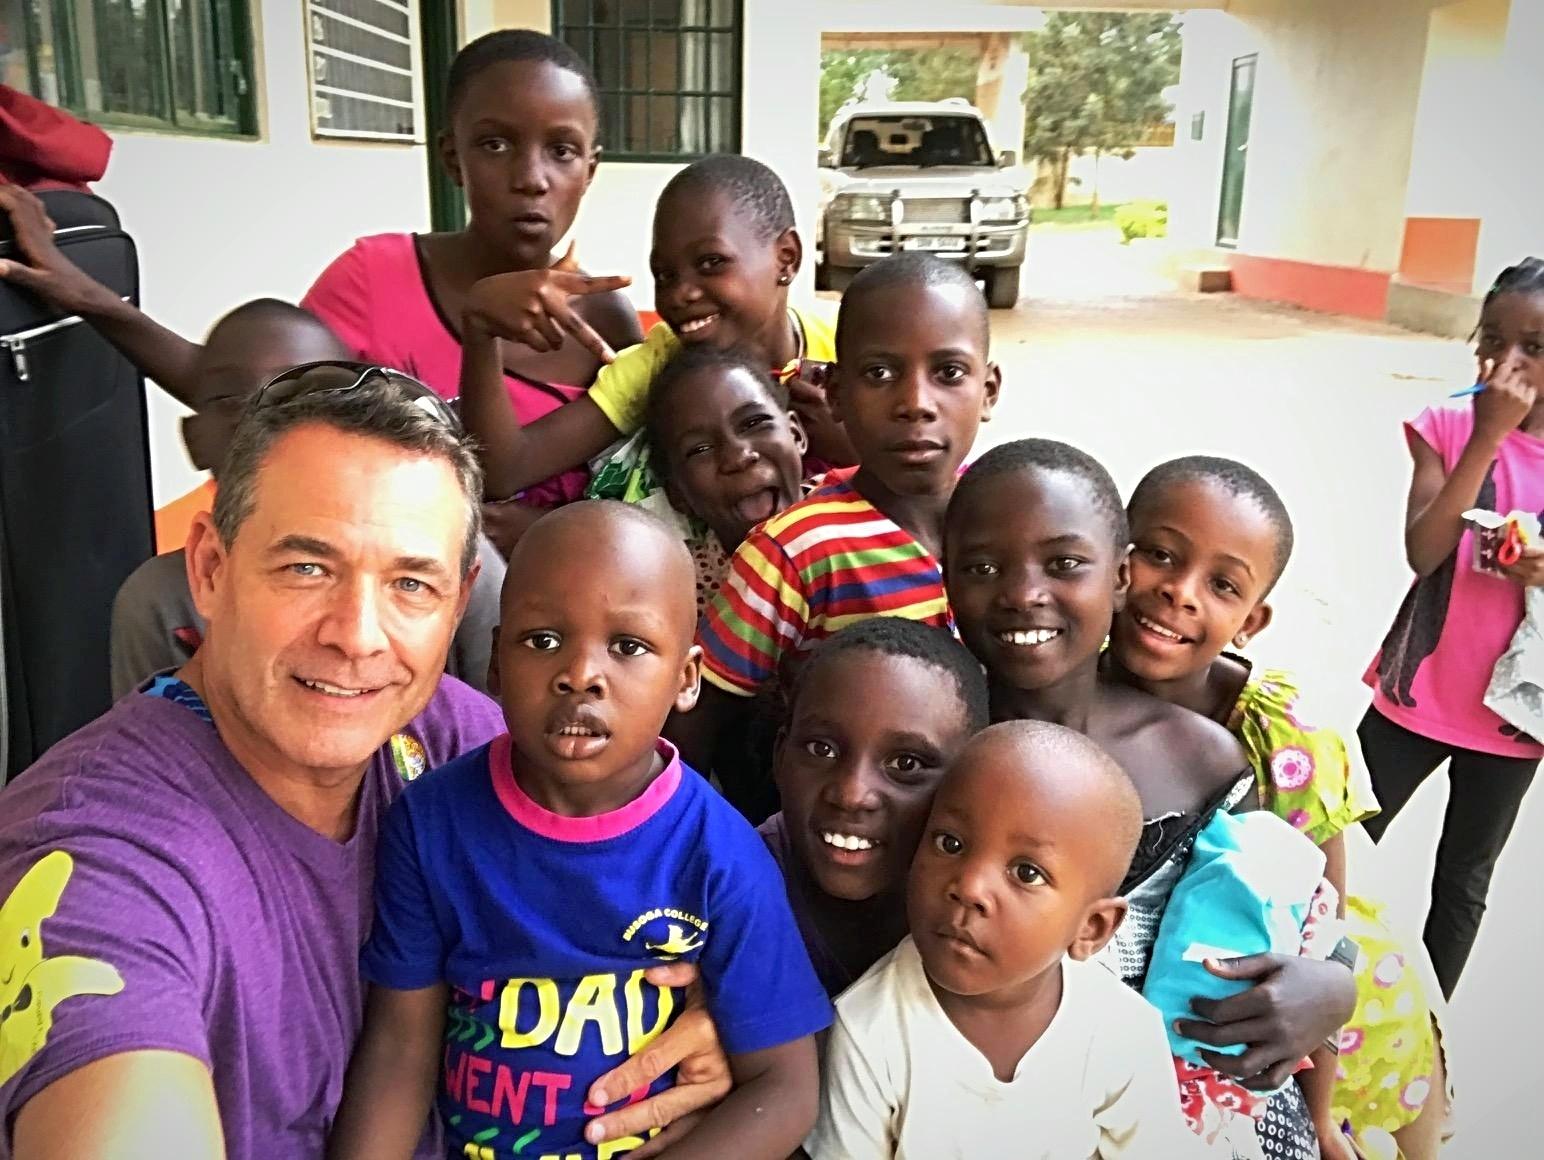 uganda kids 2-251803-edited-366854-edited.jpeg